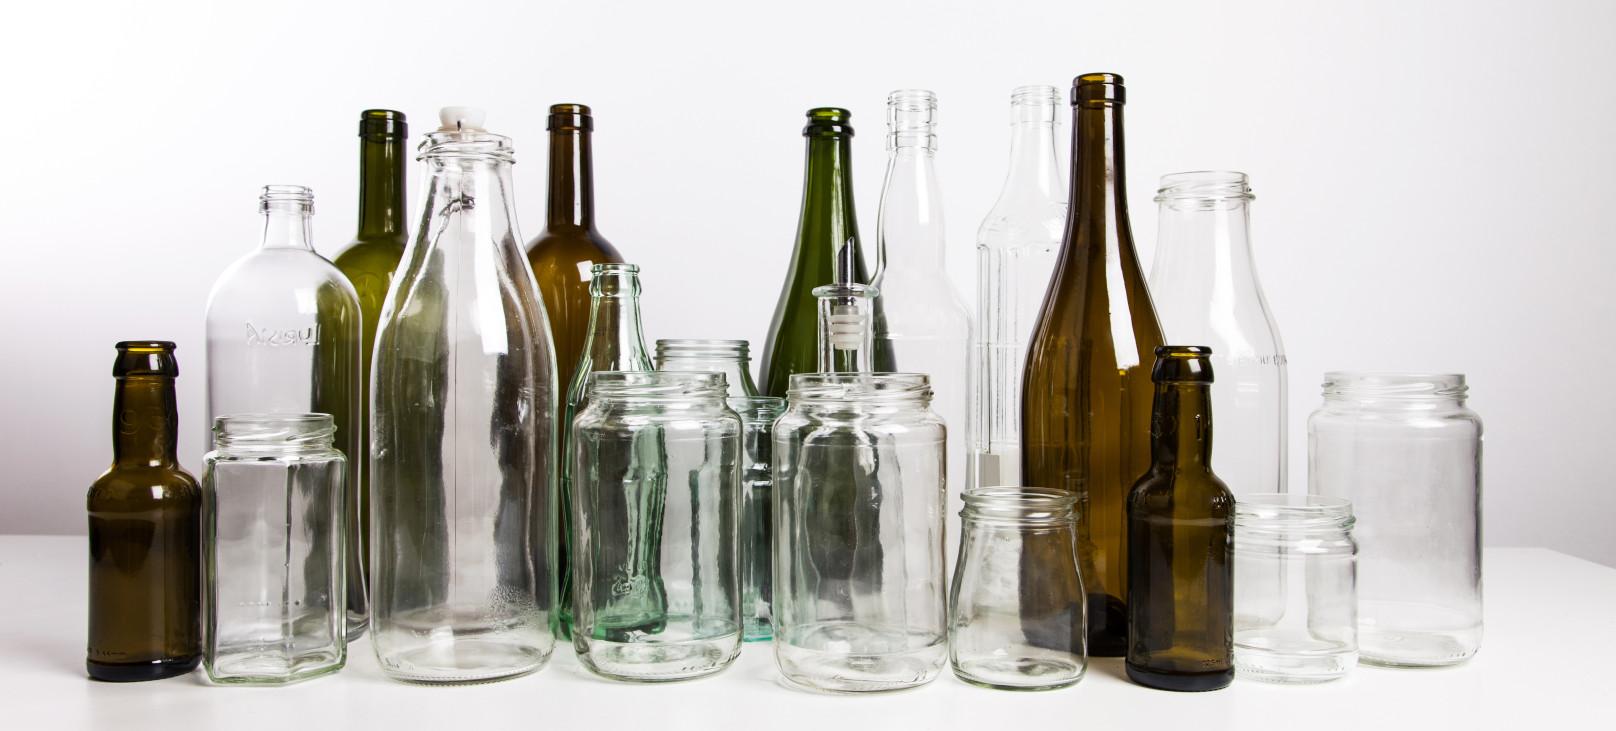 Claves para elegir las tapas para los envases de vidrio - Pared de vidrio ...